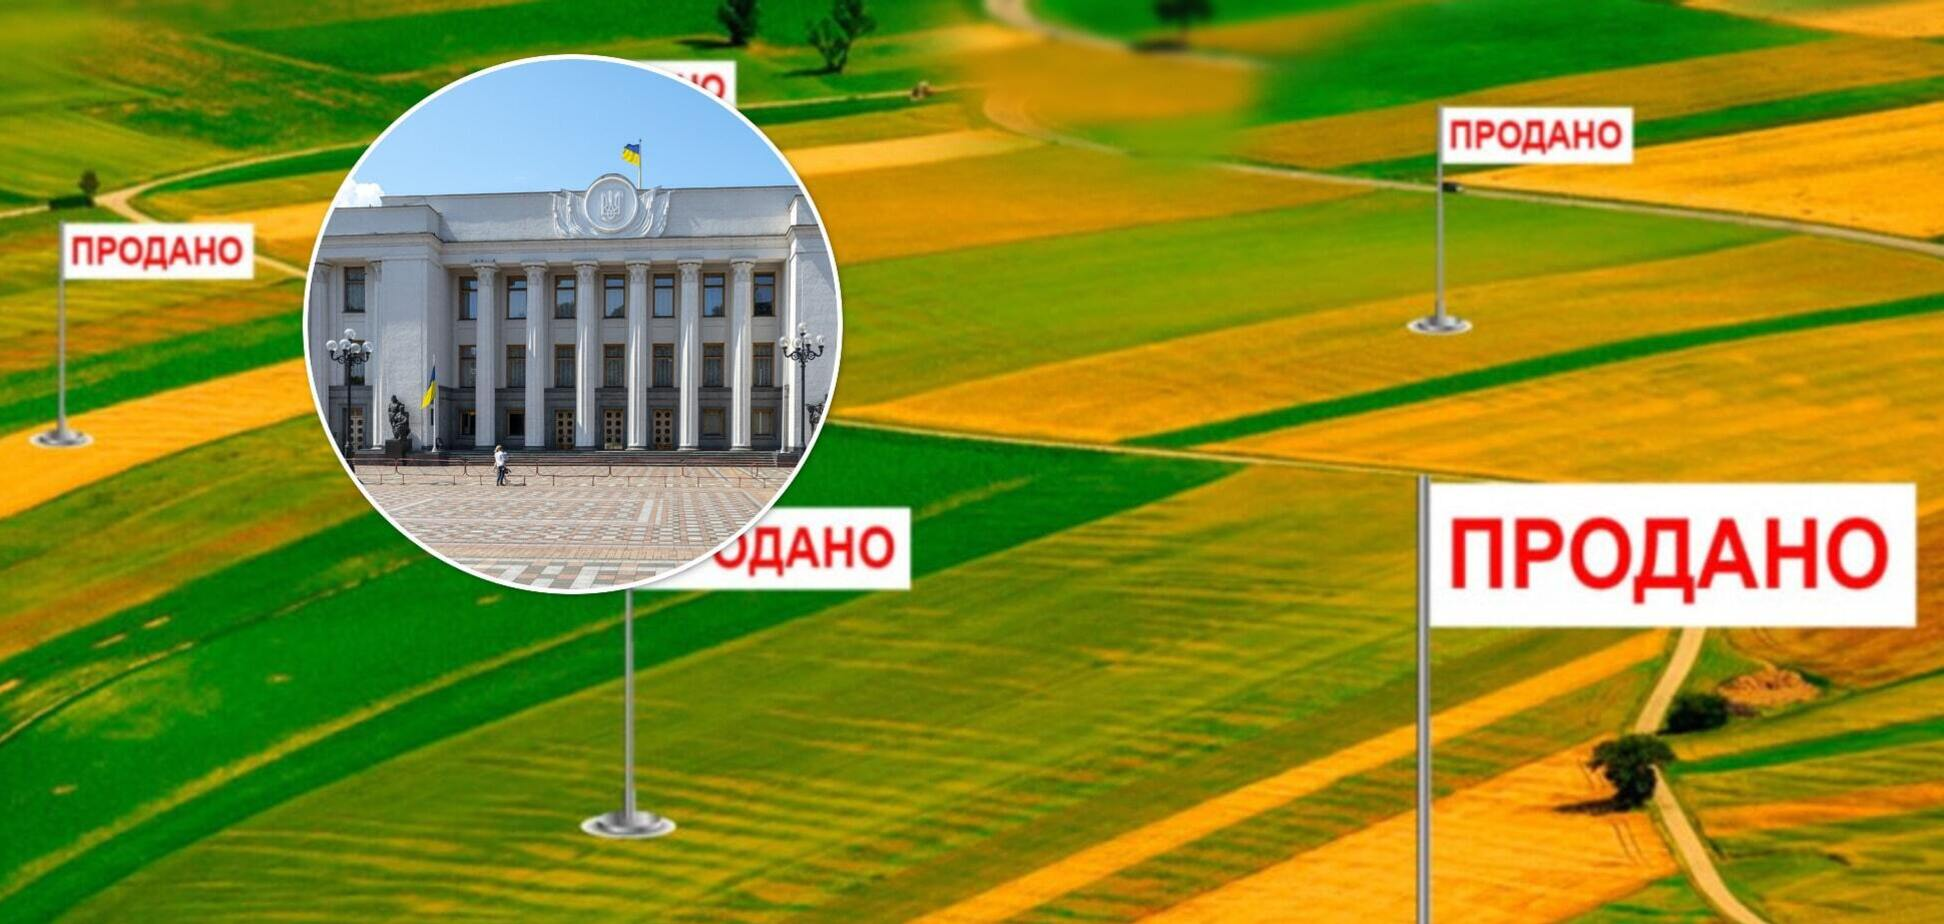 Земельная реформа: Рада разблокировала законопроект о продаже земли